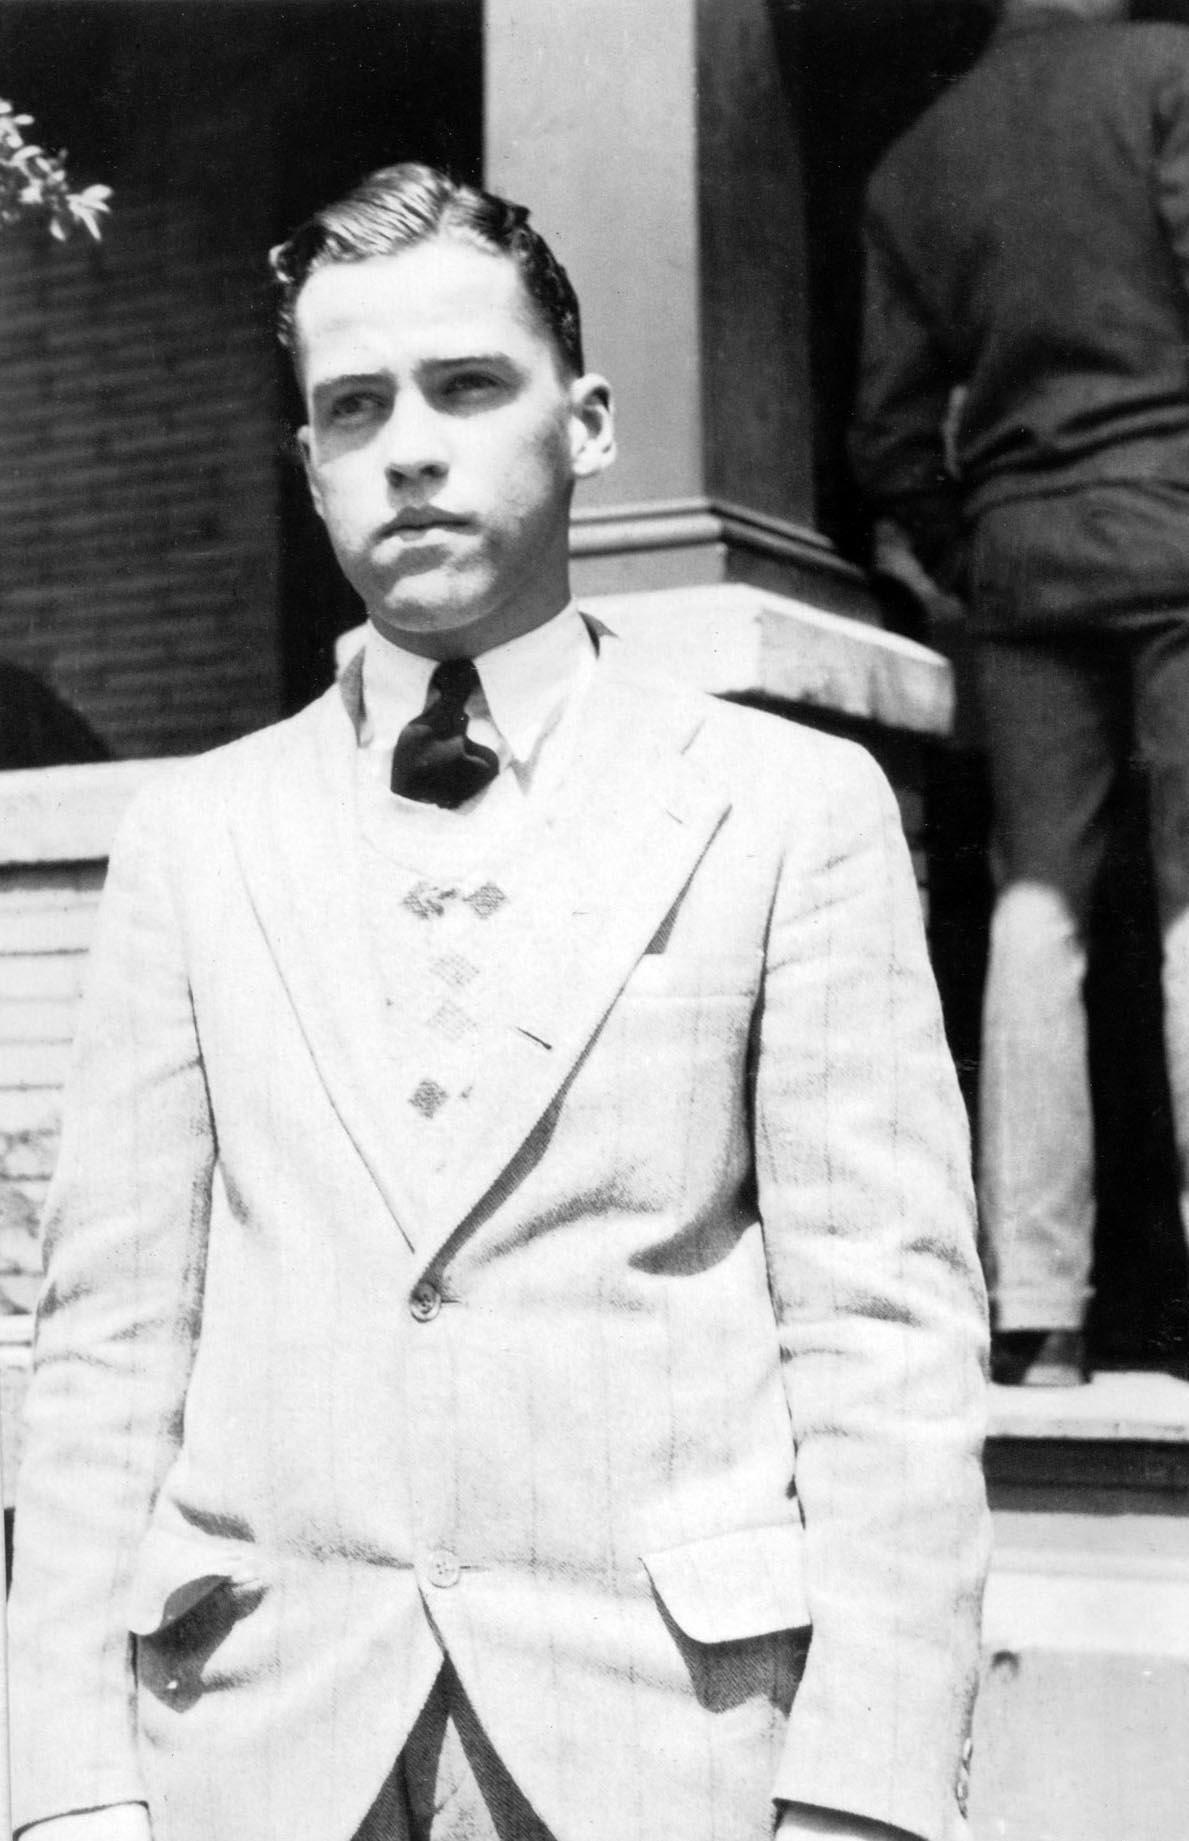 William E. William Jr. 1932